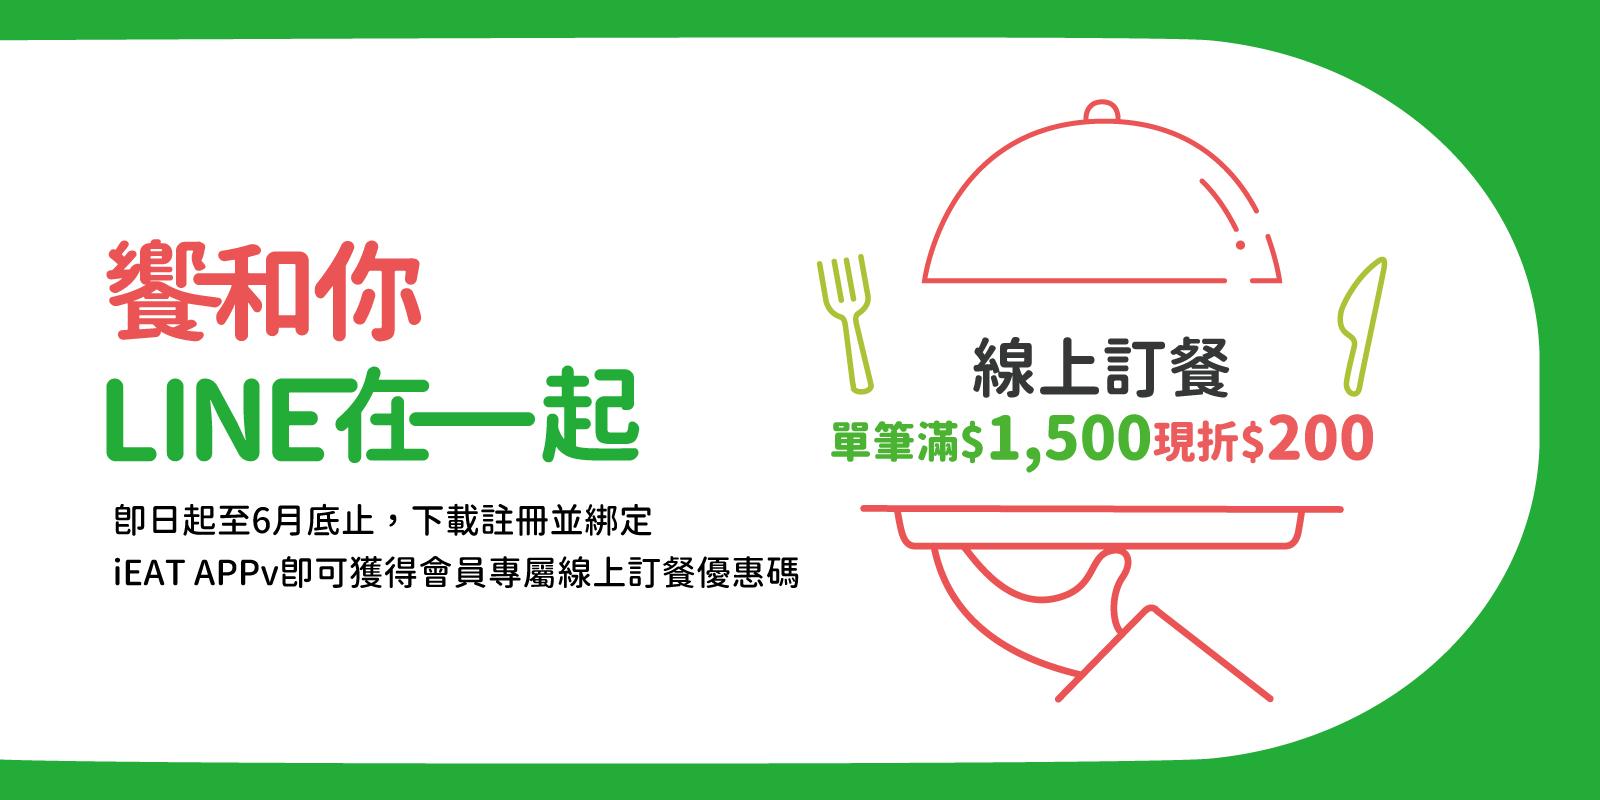 會員綁定動動手!線上訂餐折200元!